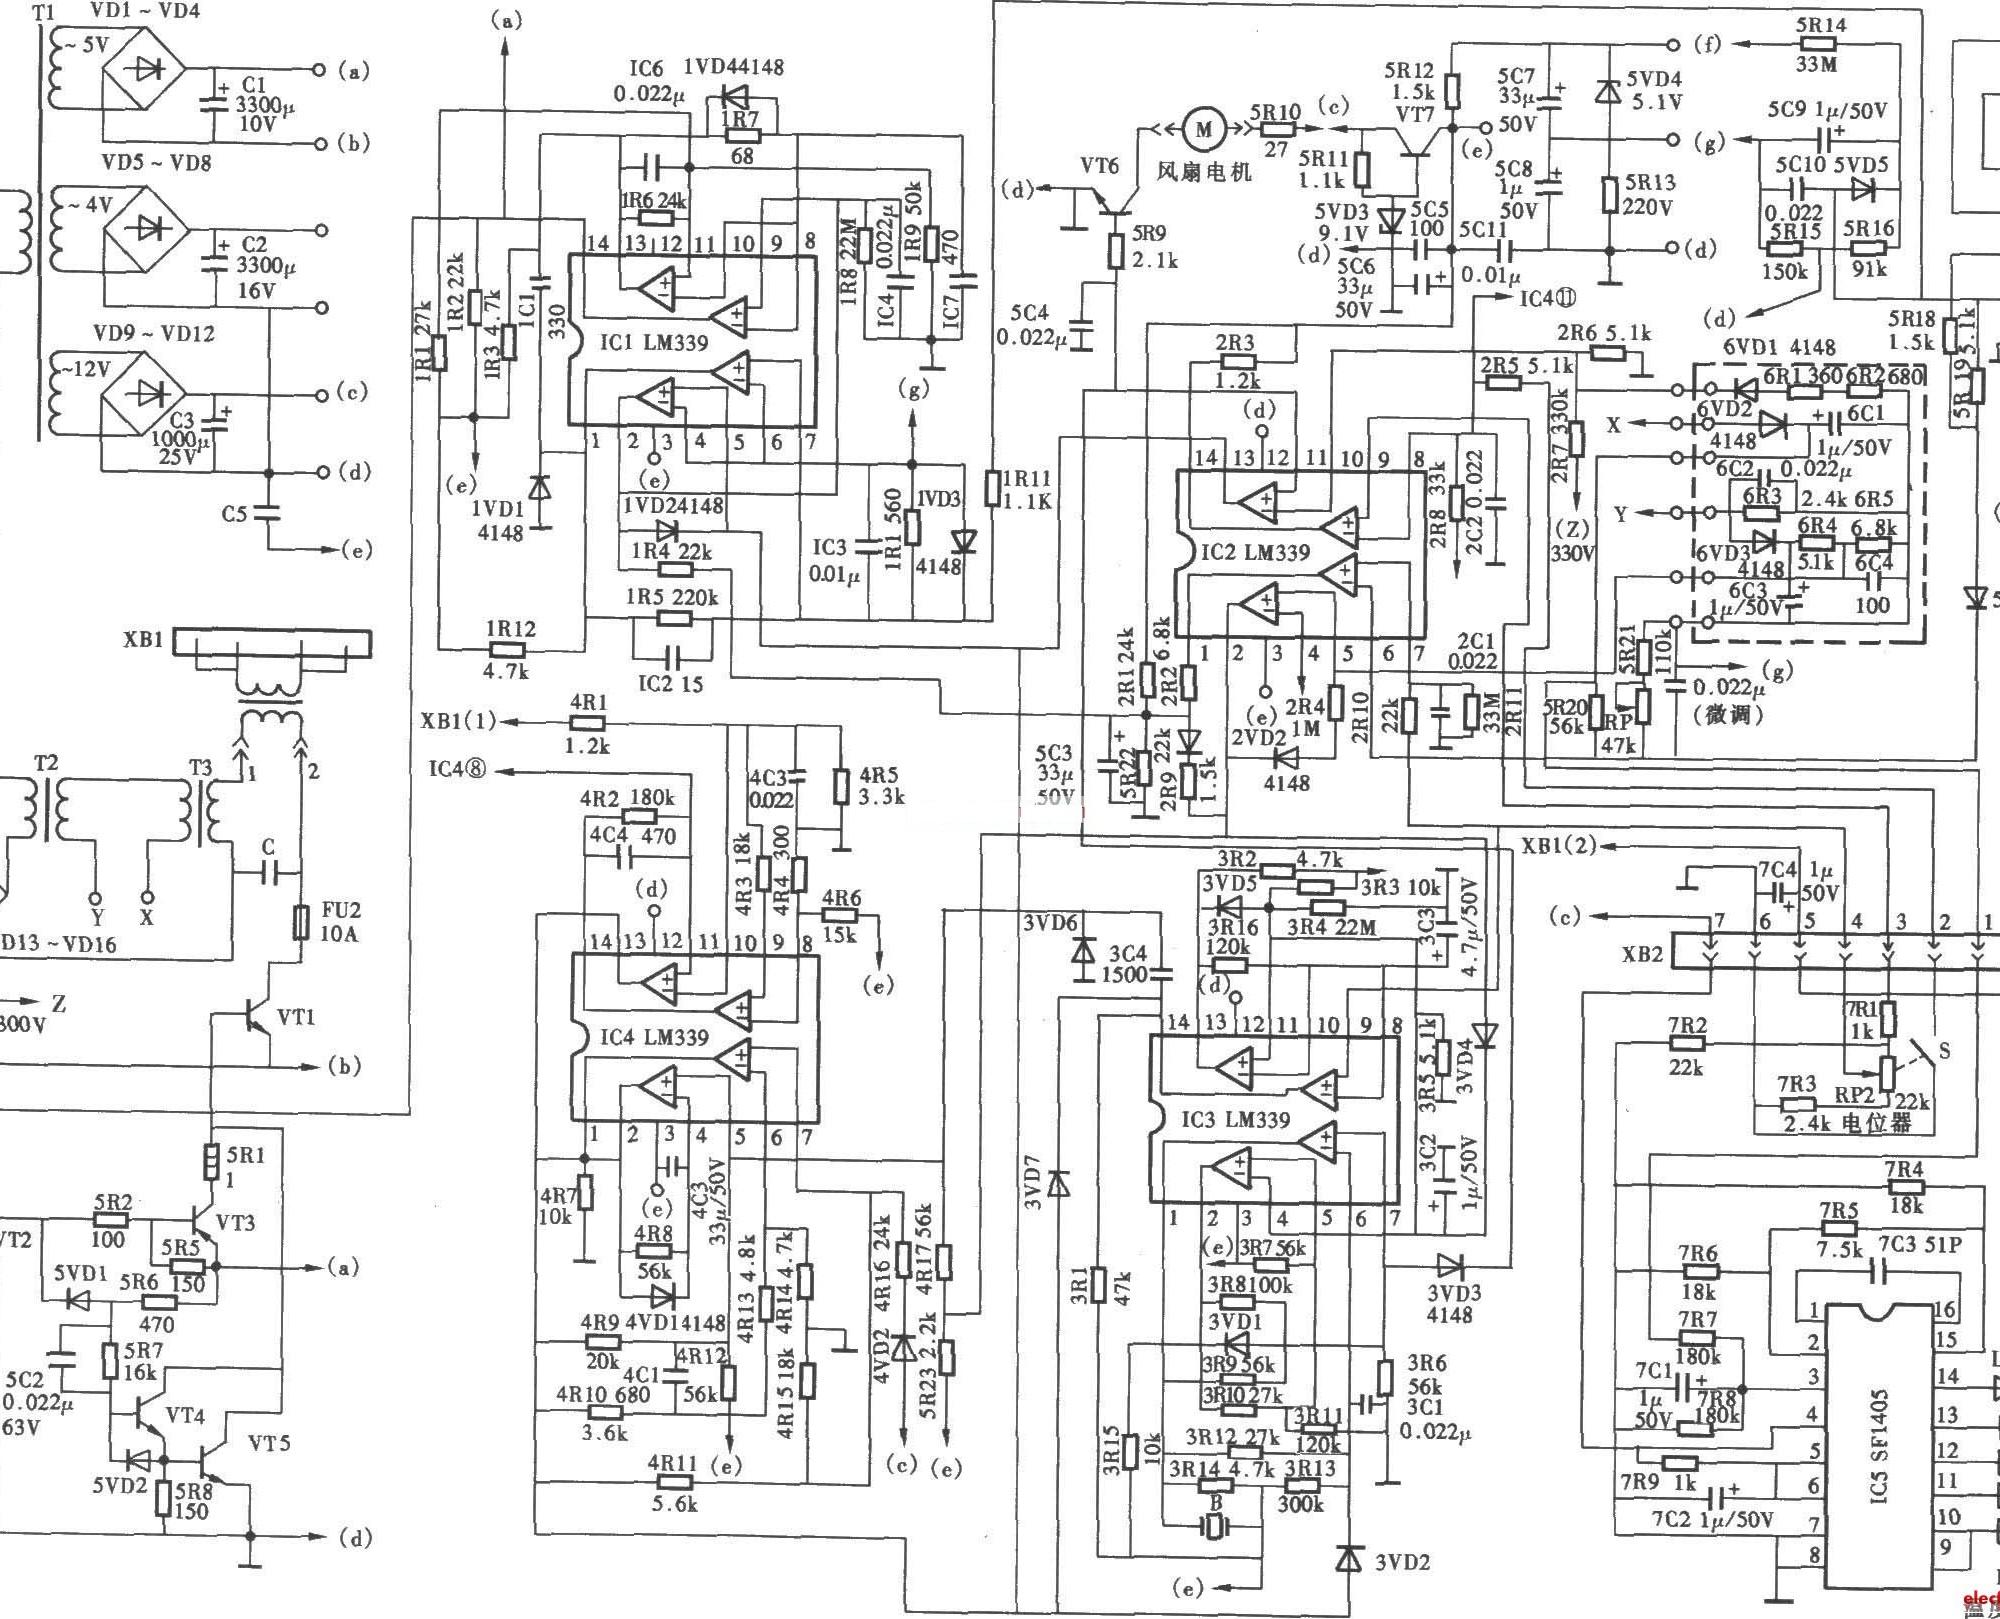 海乐dzc-1000w型电磁炉电路主要由lm339和se1405等元件构成.